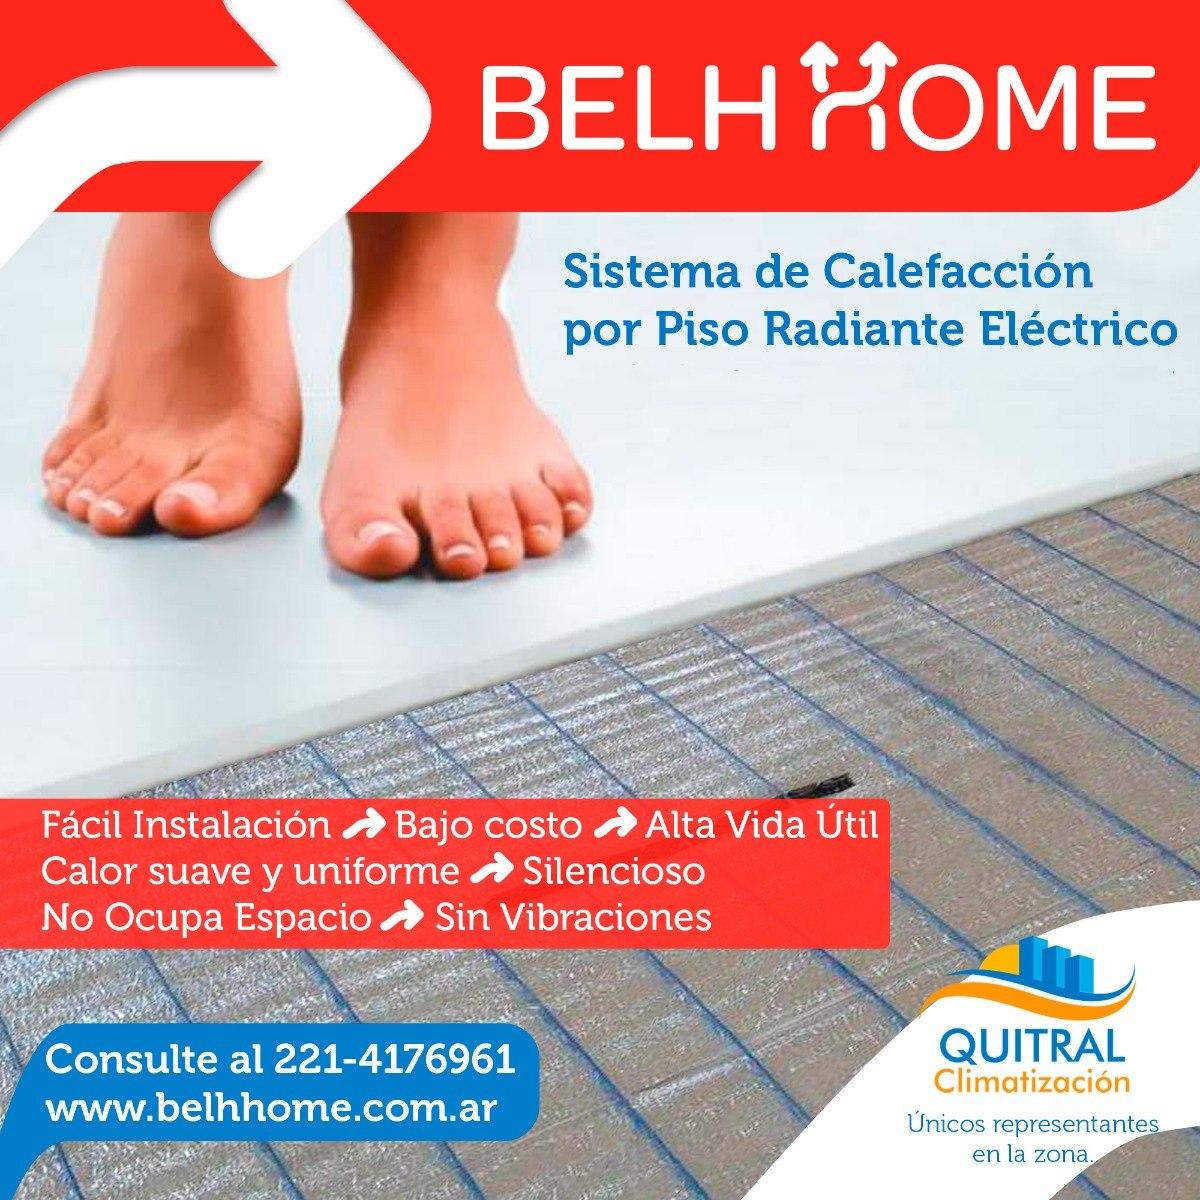 Calefaccion por suelo radiante precio latest simple good - Sistema de calefaccion ...